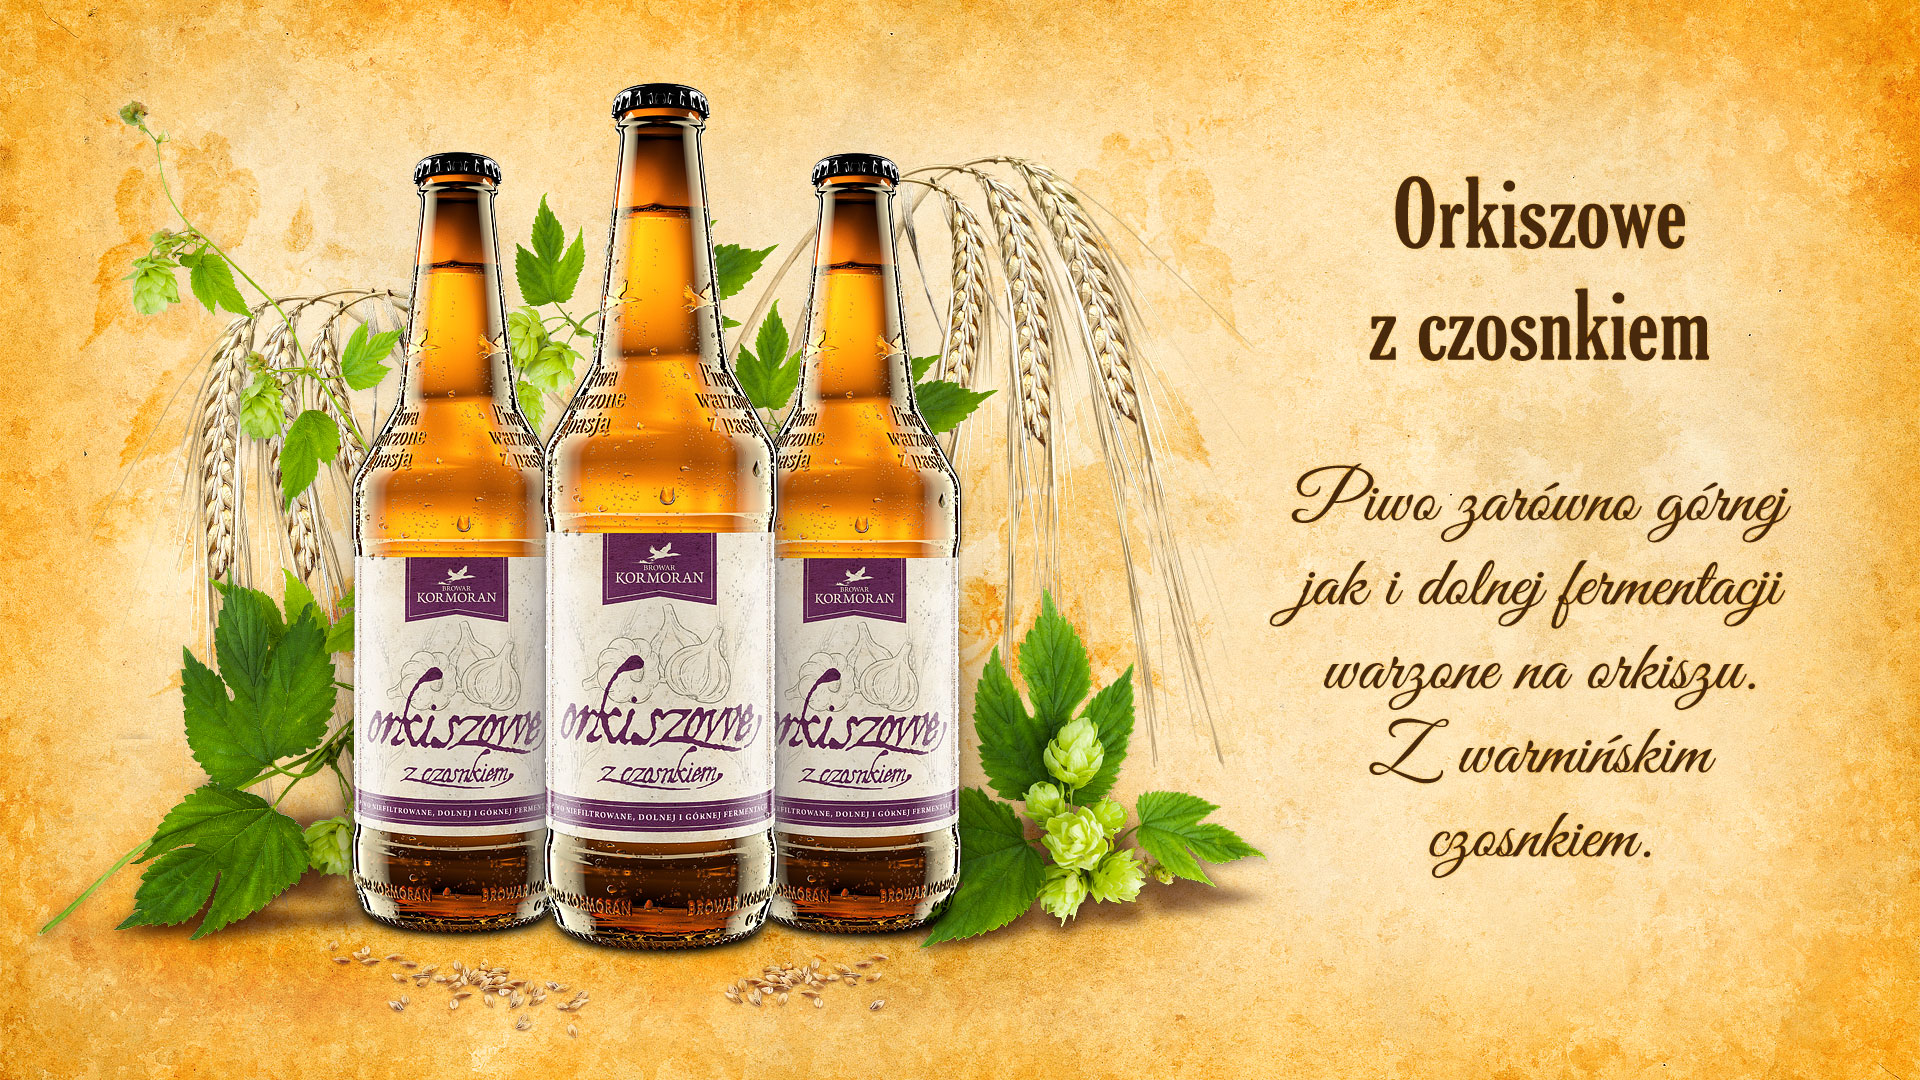 Piwo Orkiszowe z Czosnkiem - Browar Kormoran